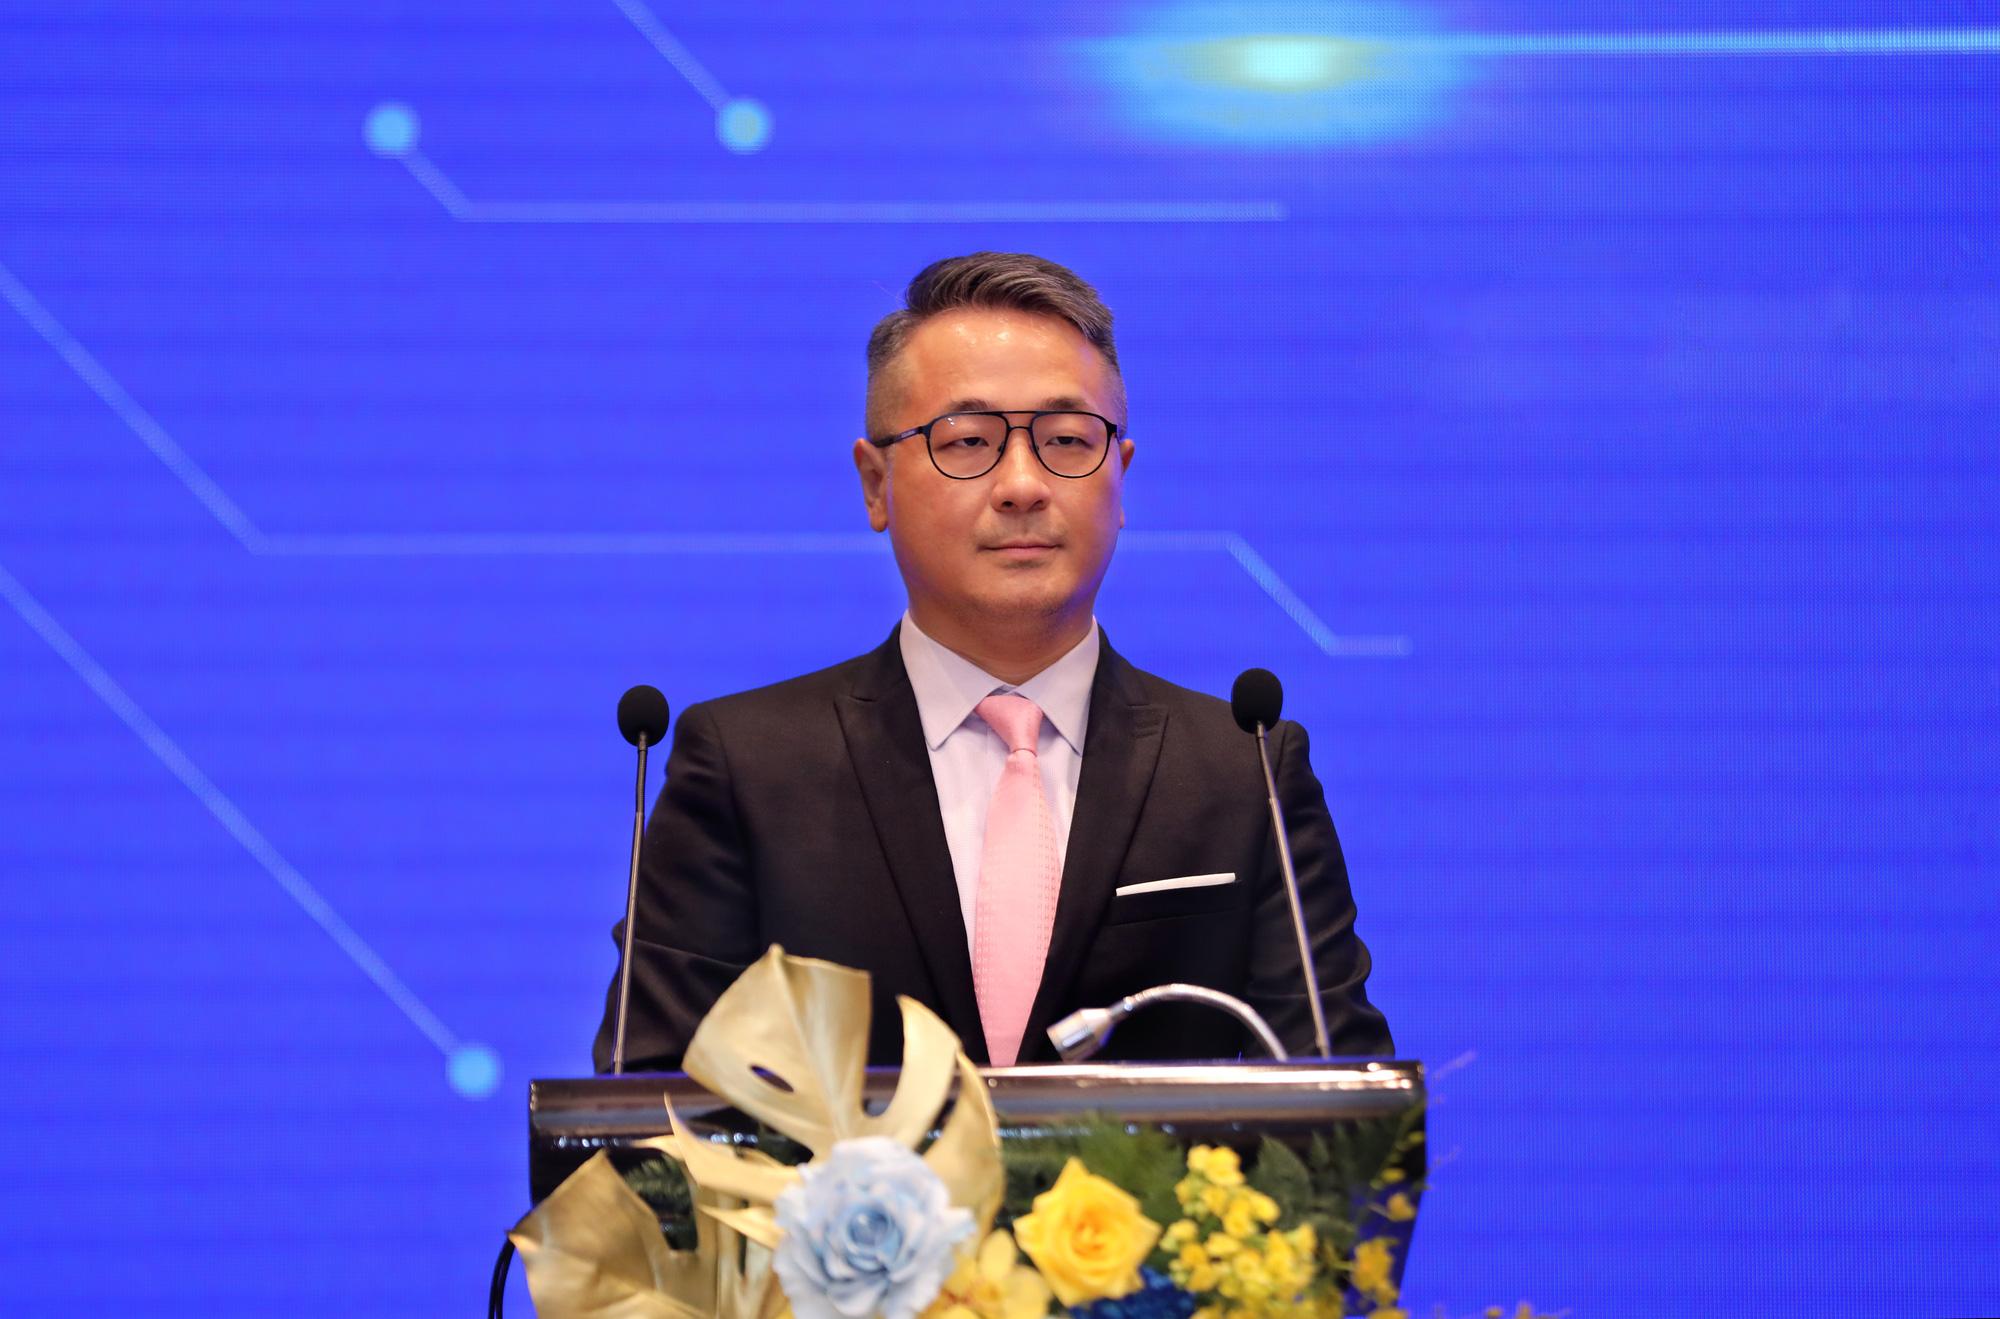 Chân dung quyền Tổng giám đốc người nước ngoài của SCB  - Ảnh 1.